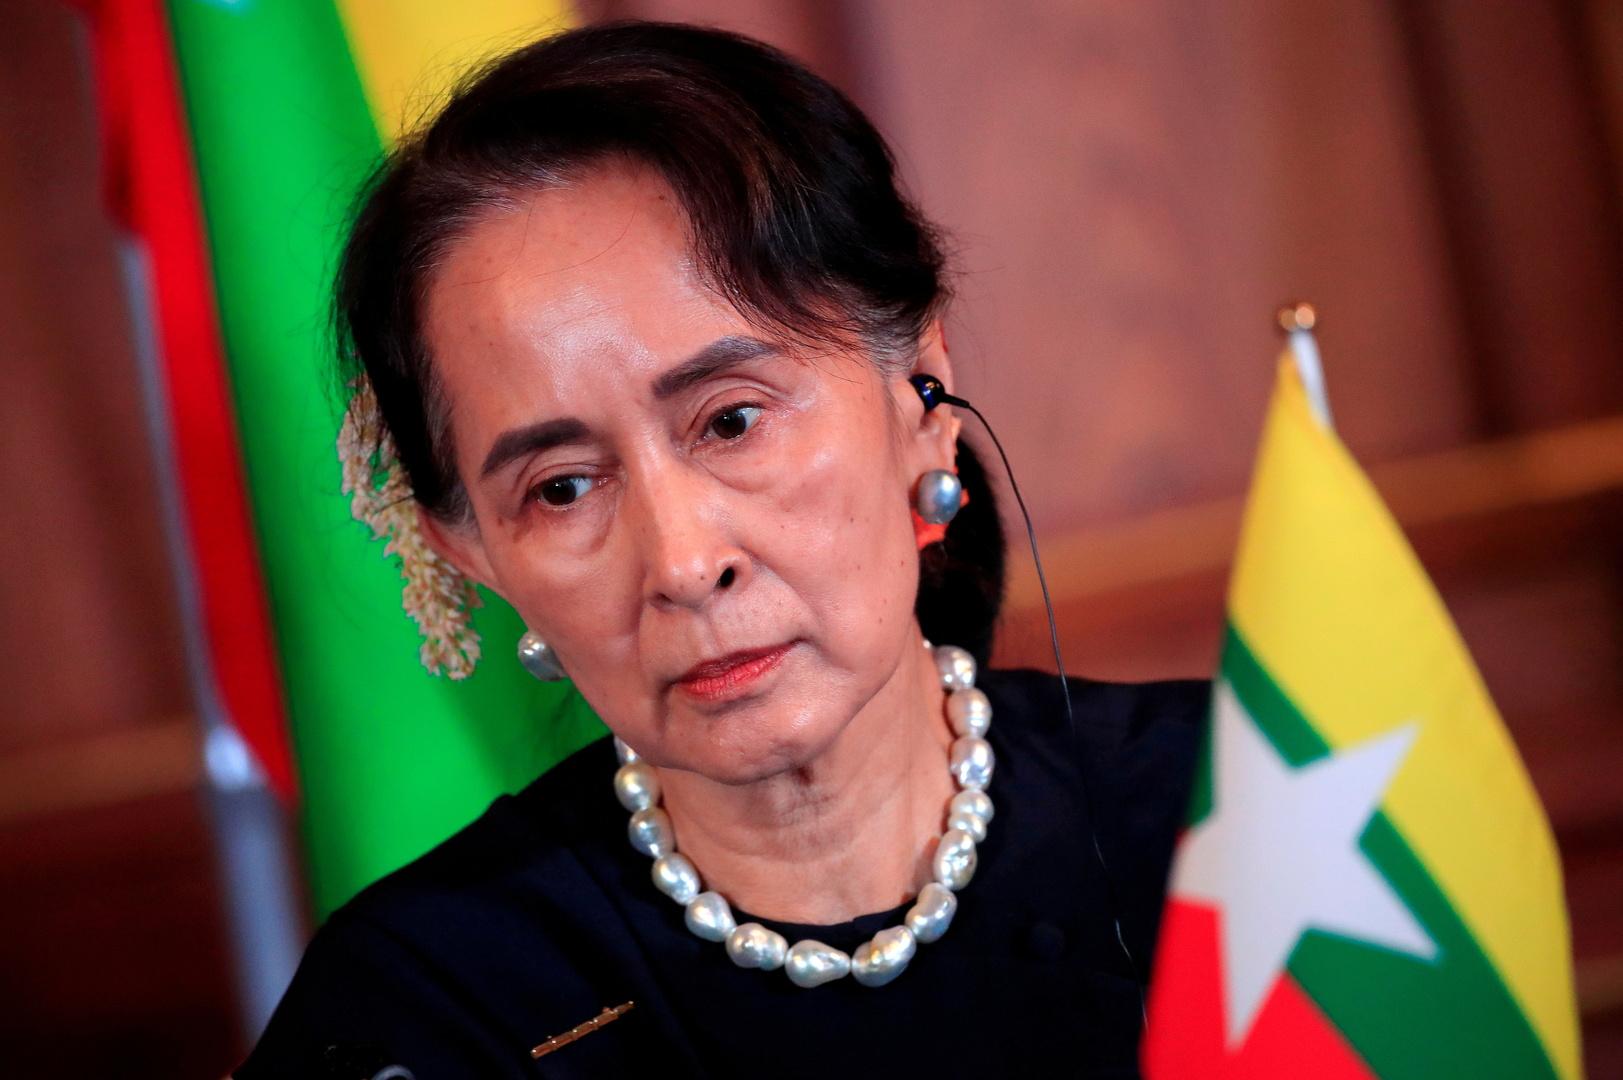 المجلس العسكري في ميانمار يحاكم زعيمة البلاد المخلوعة سو تشي